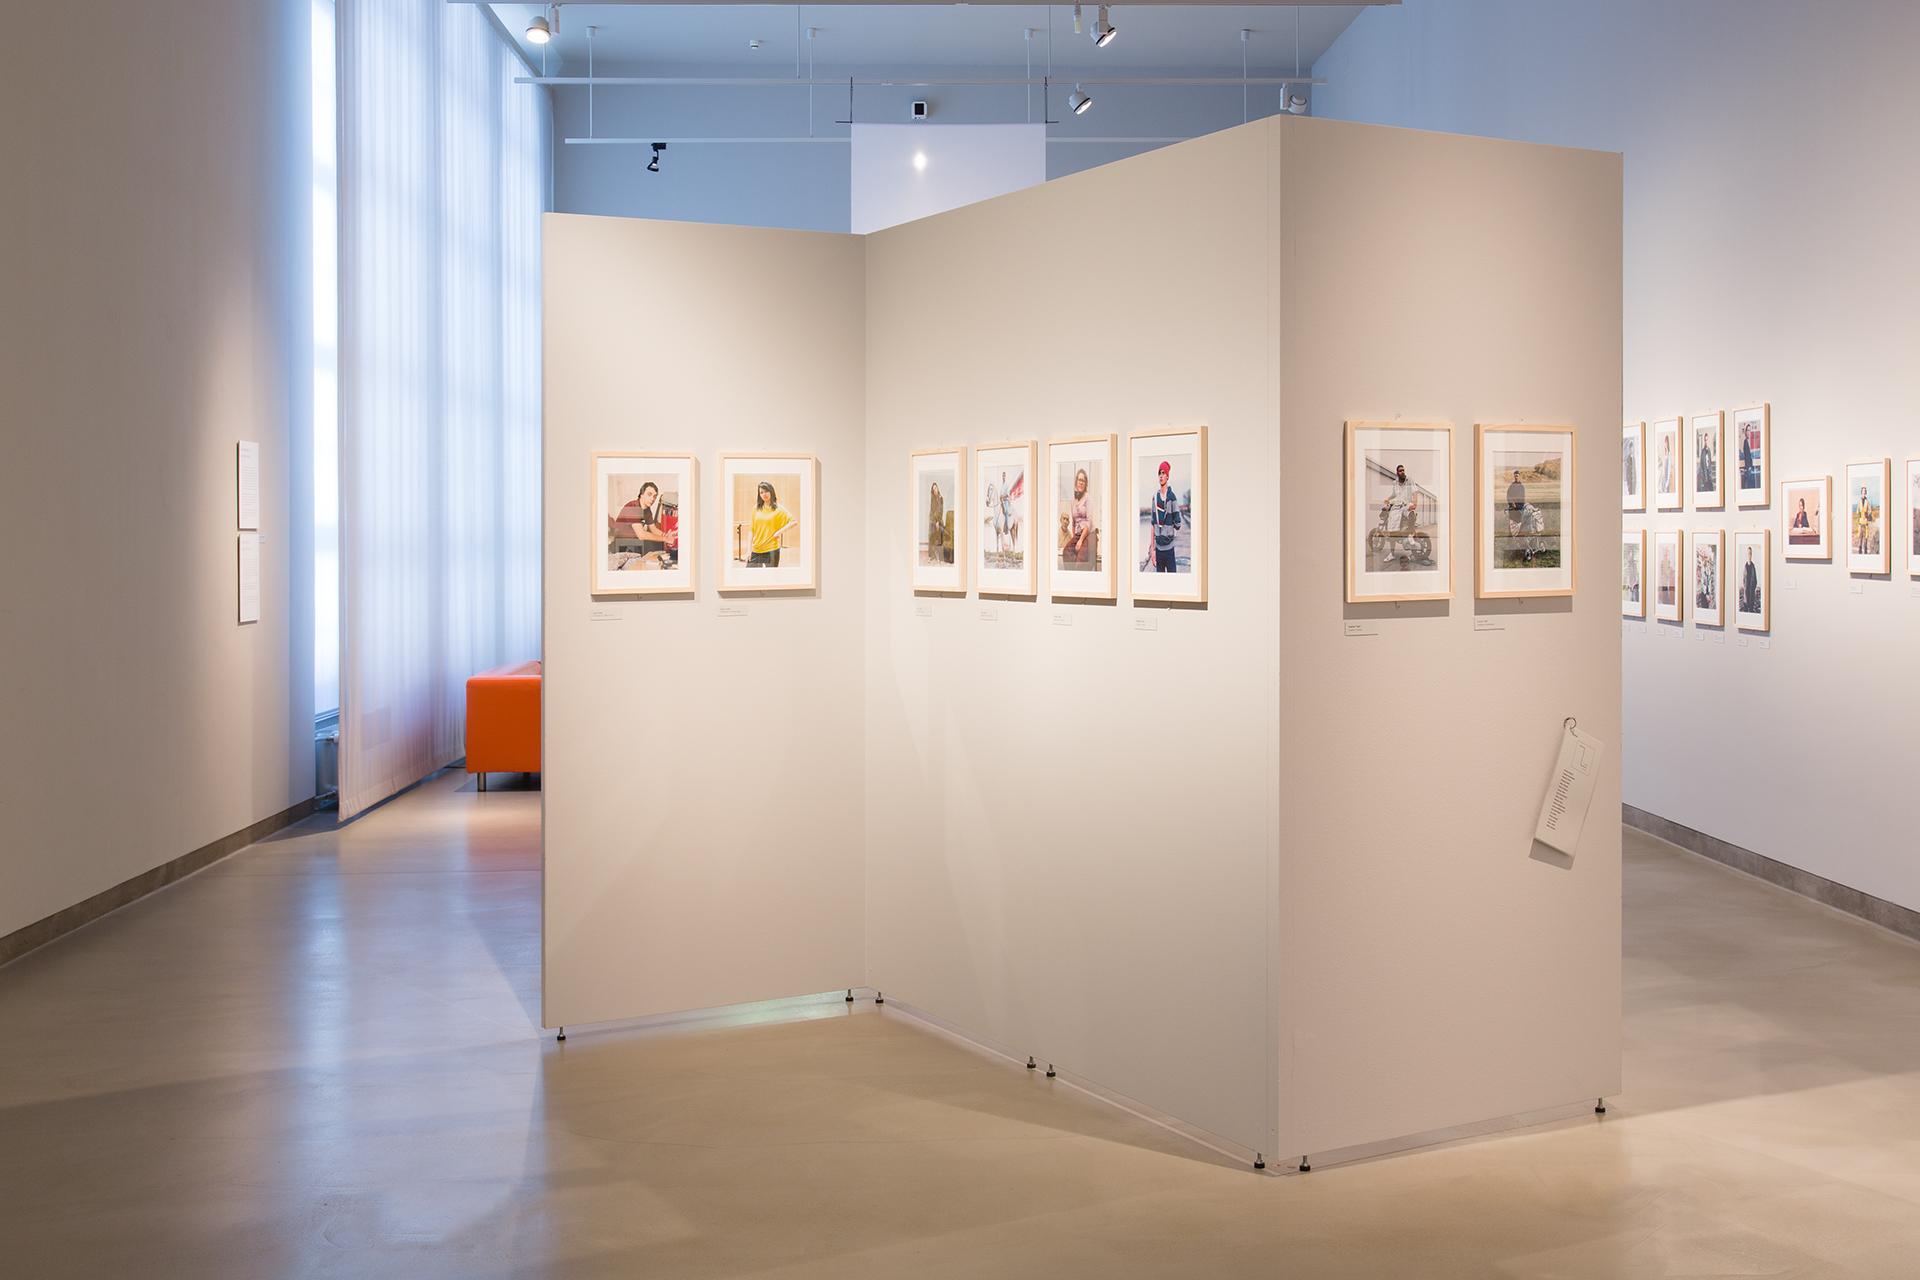 Ausstellungsarchitektur mit Mila-wall Stellwänden in einem Museum